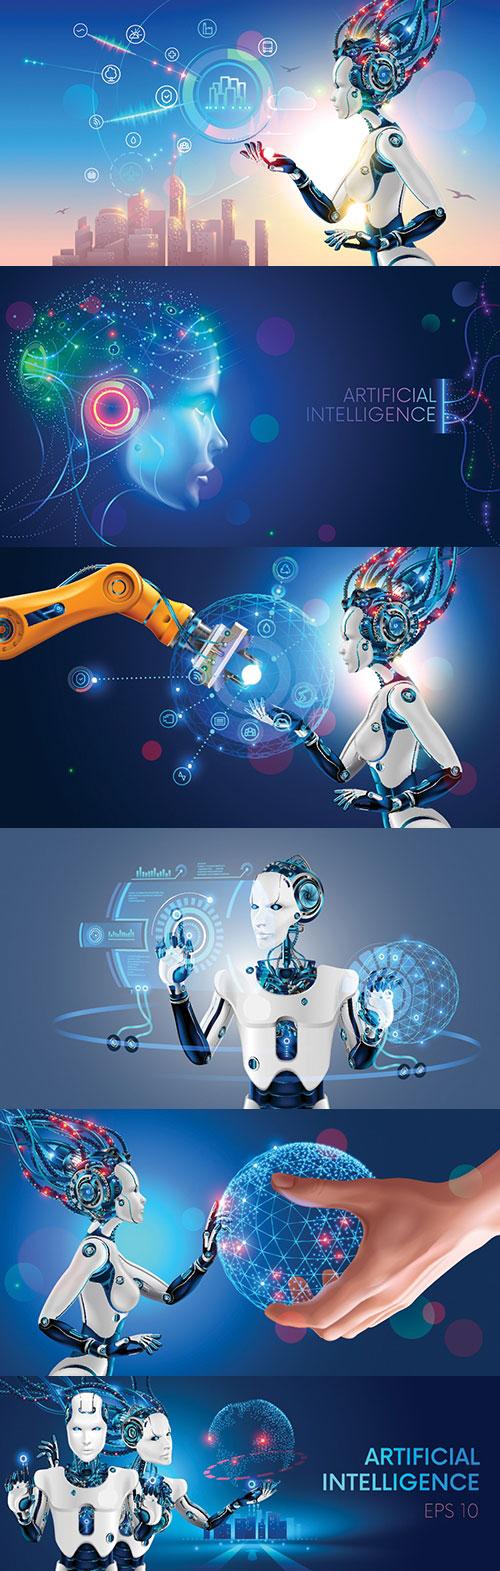 未来科技插画